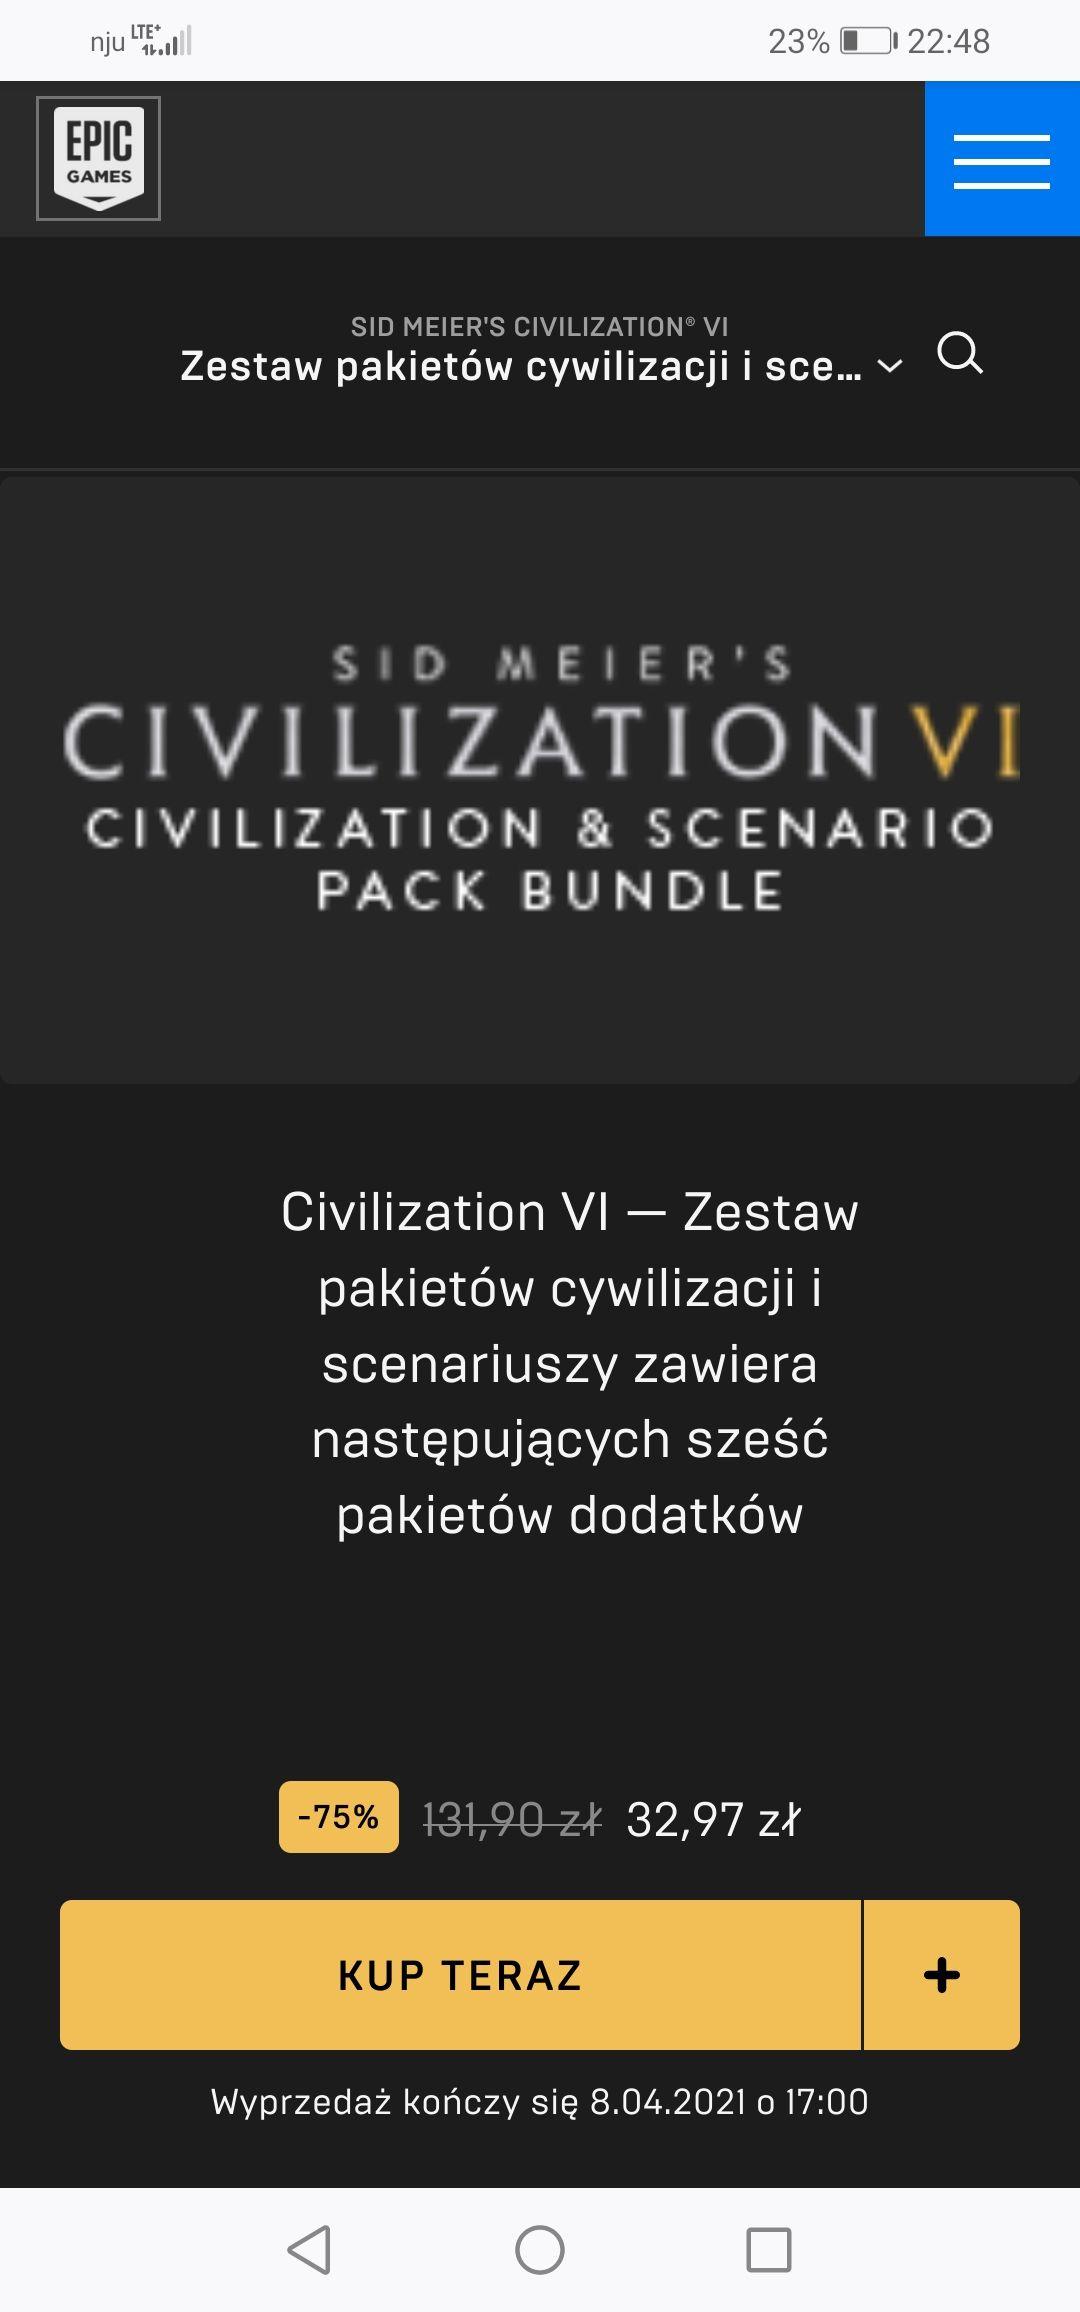 CIVILIZATION VI - Zestaw DLC w tym Polska, wikingowie, Australia, Persja i Macedonia, Nubia, Khmerzy i Indonezja